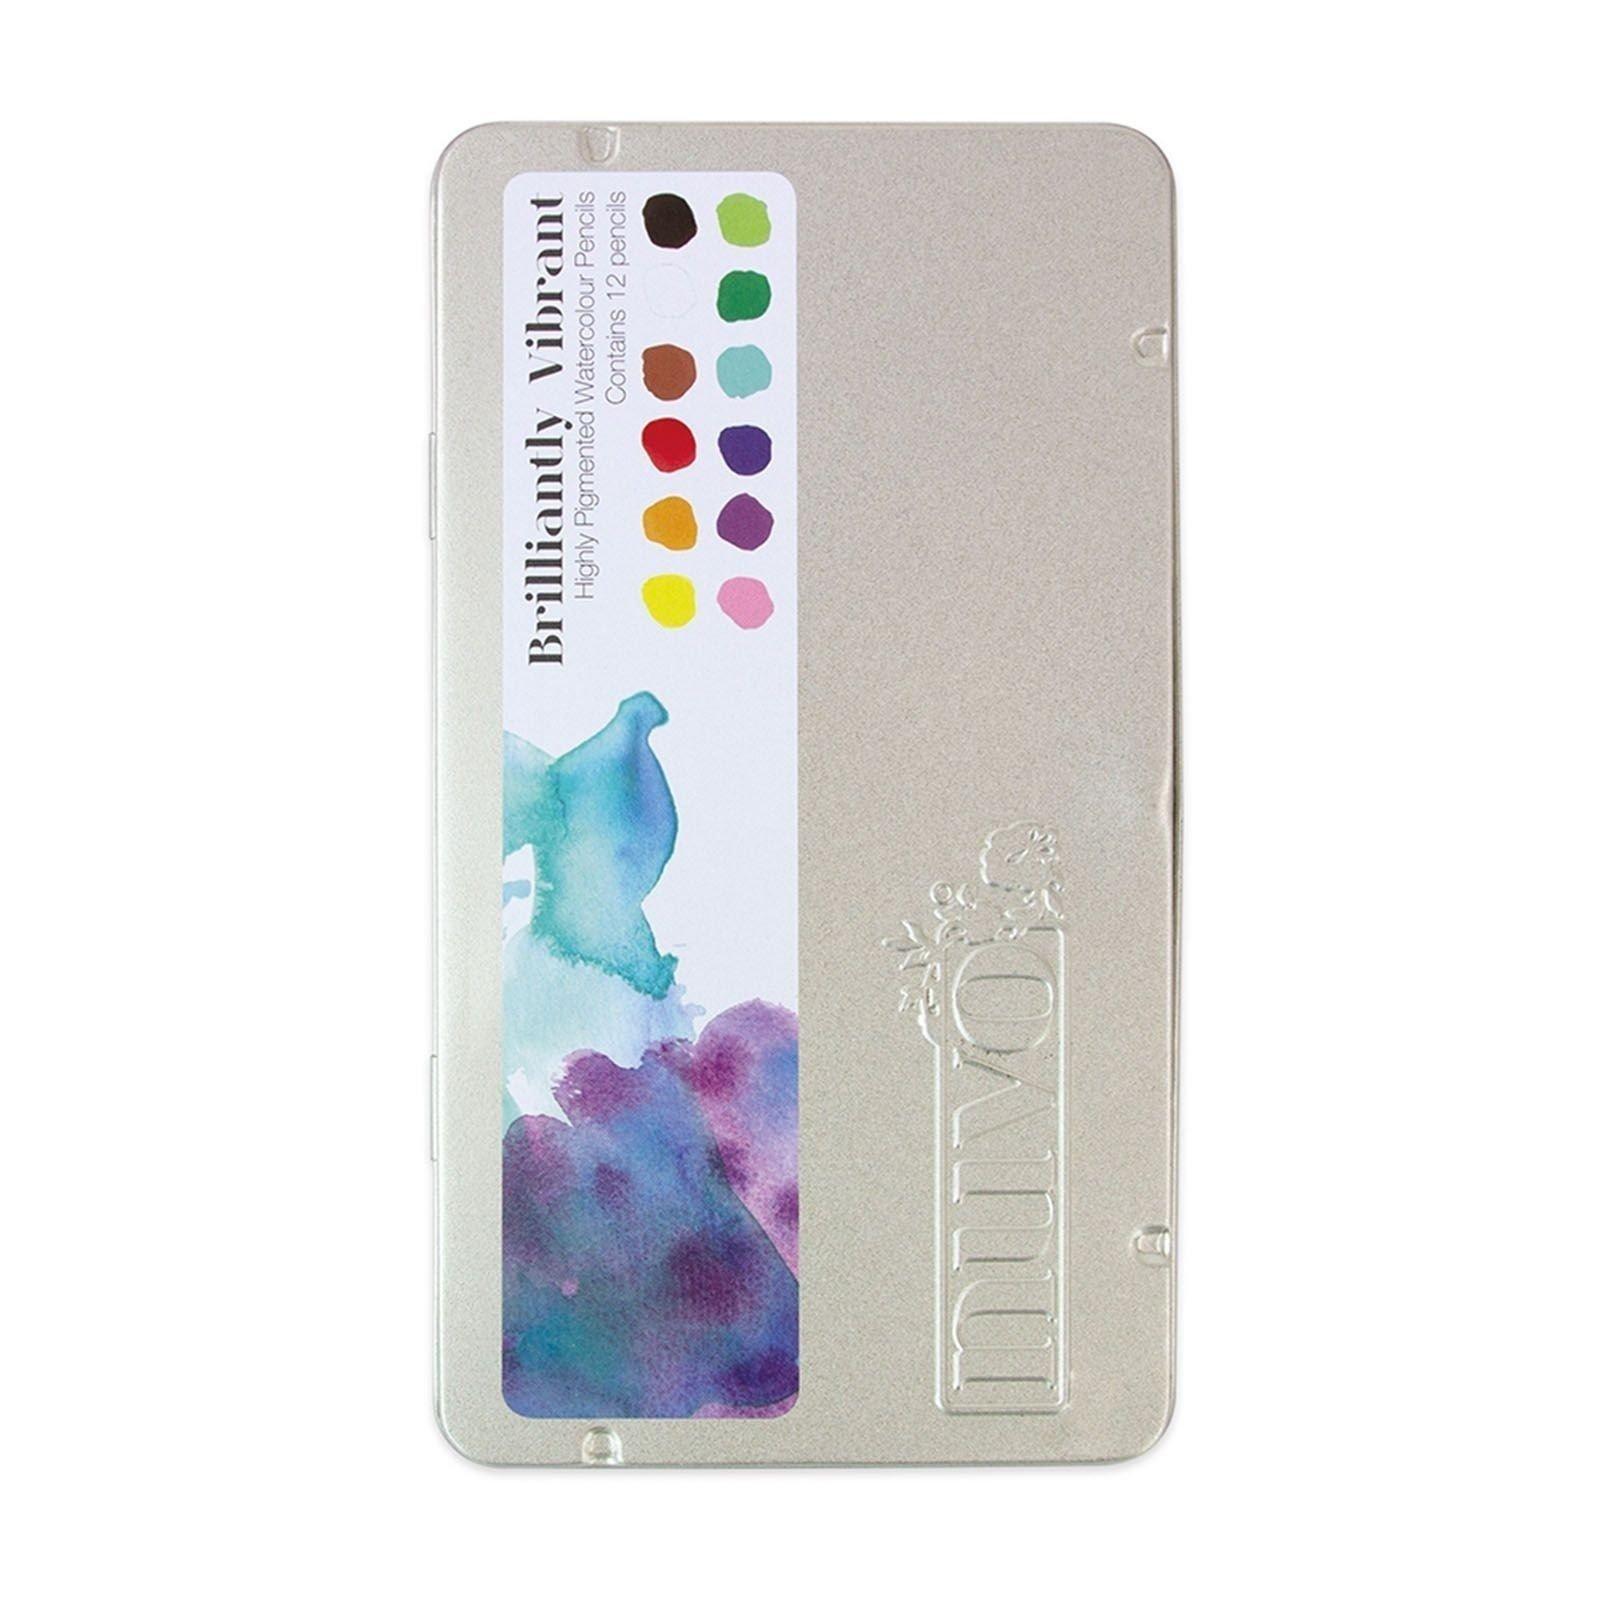 Palette de 12 crayons aquarellables - Brilliantly Vibrant - Tonic Studio